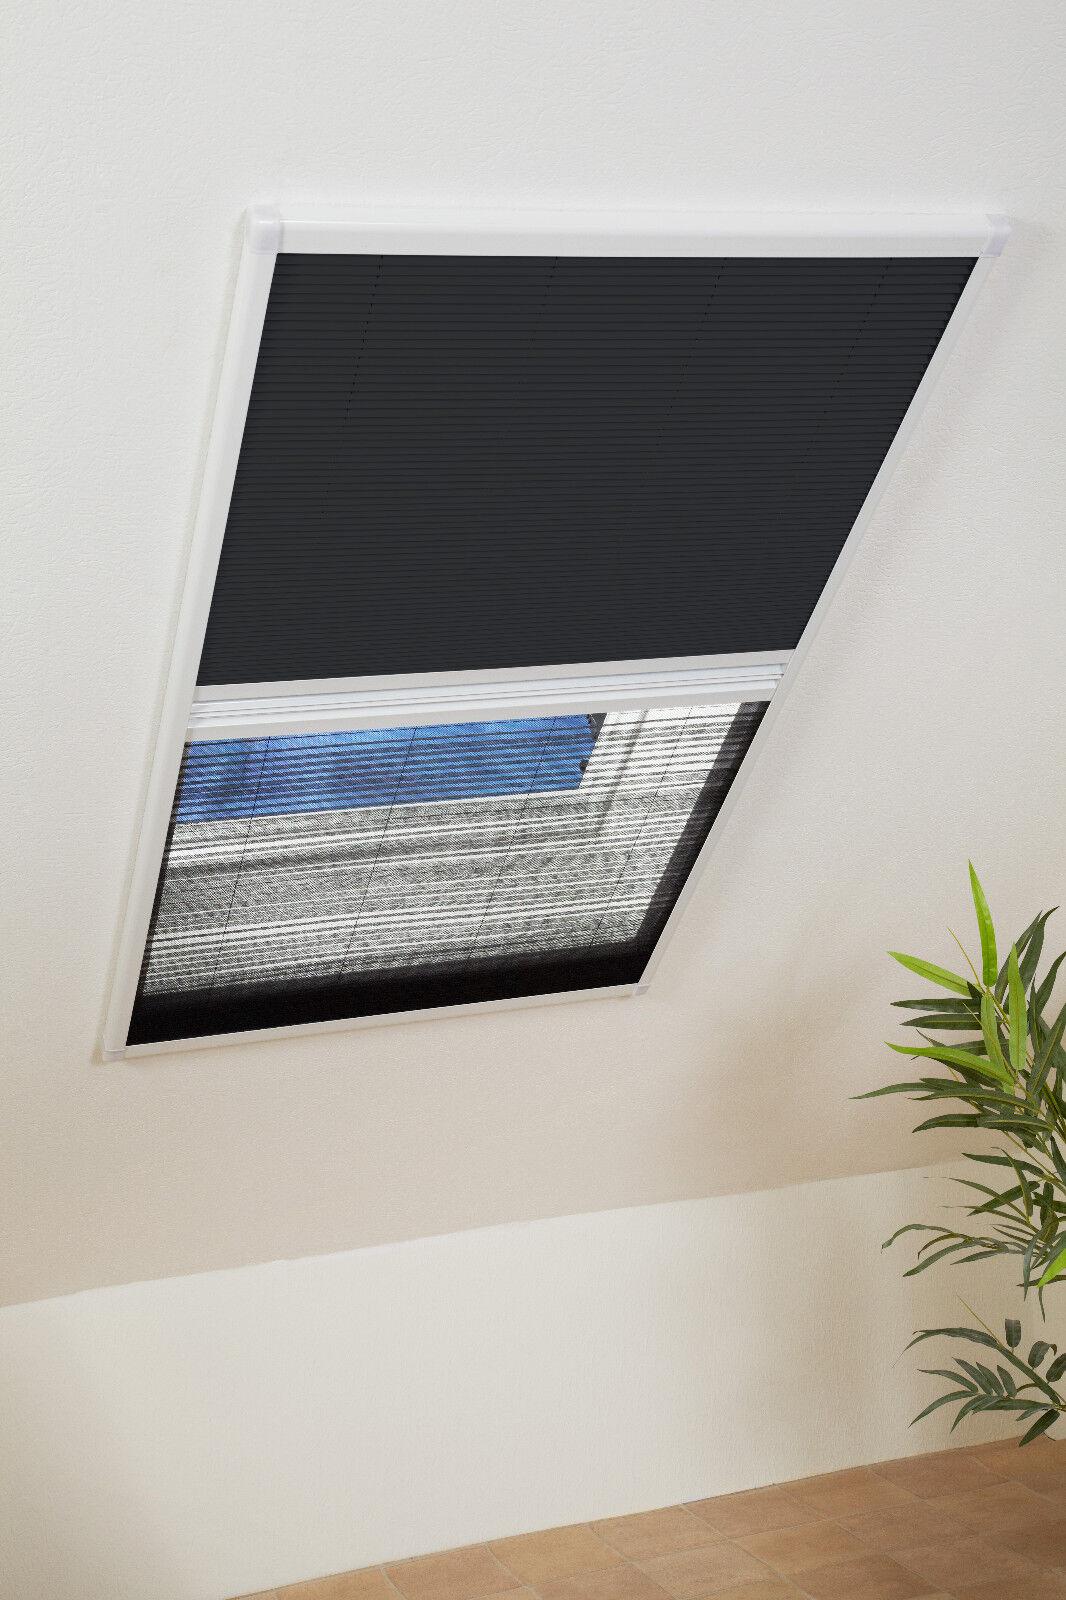 Profi - Fliegengitter Dachfenster Plissee - Insekten - und Sonnenschutz in einem | Schnelle Lieferung  | Spielen Sie Leidenschaft, spielen Sie die Ernte, spielen Sie die Welt  | Einfach zu spielen, freies Leben  | Spielen Sie das Beste